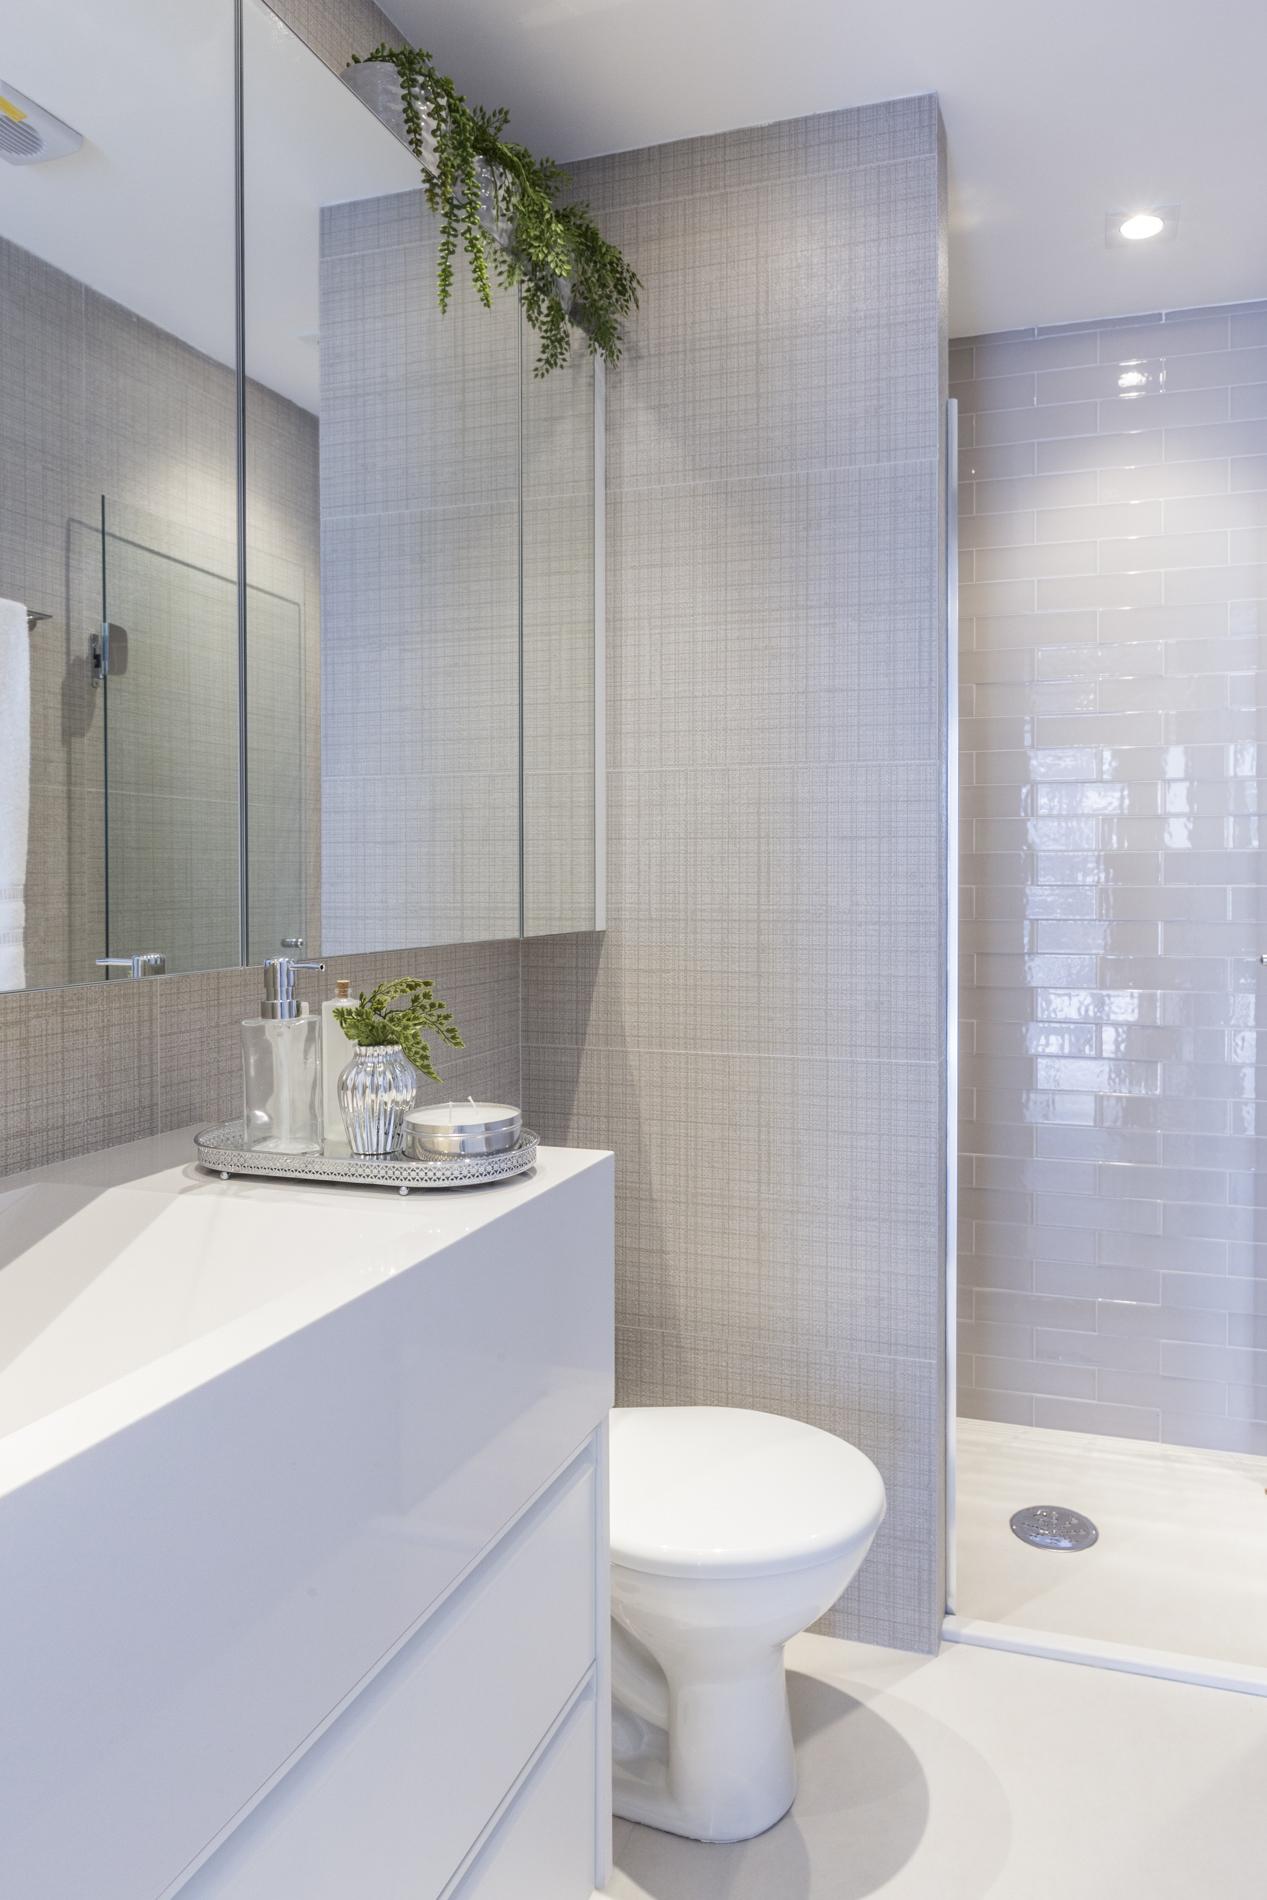 Reforma de banheiro: veja como escolher os produtos certos Banheiro pequeno com revestimento que simula tecido.